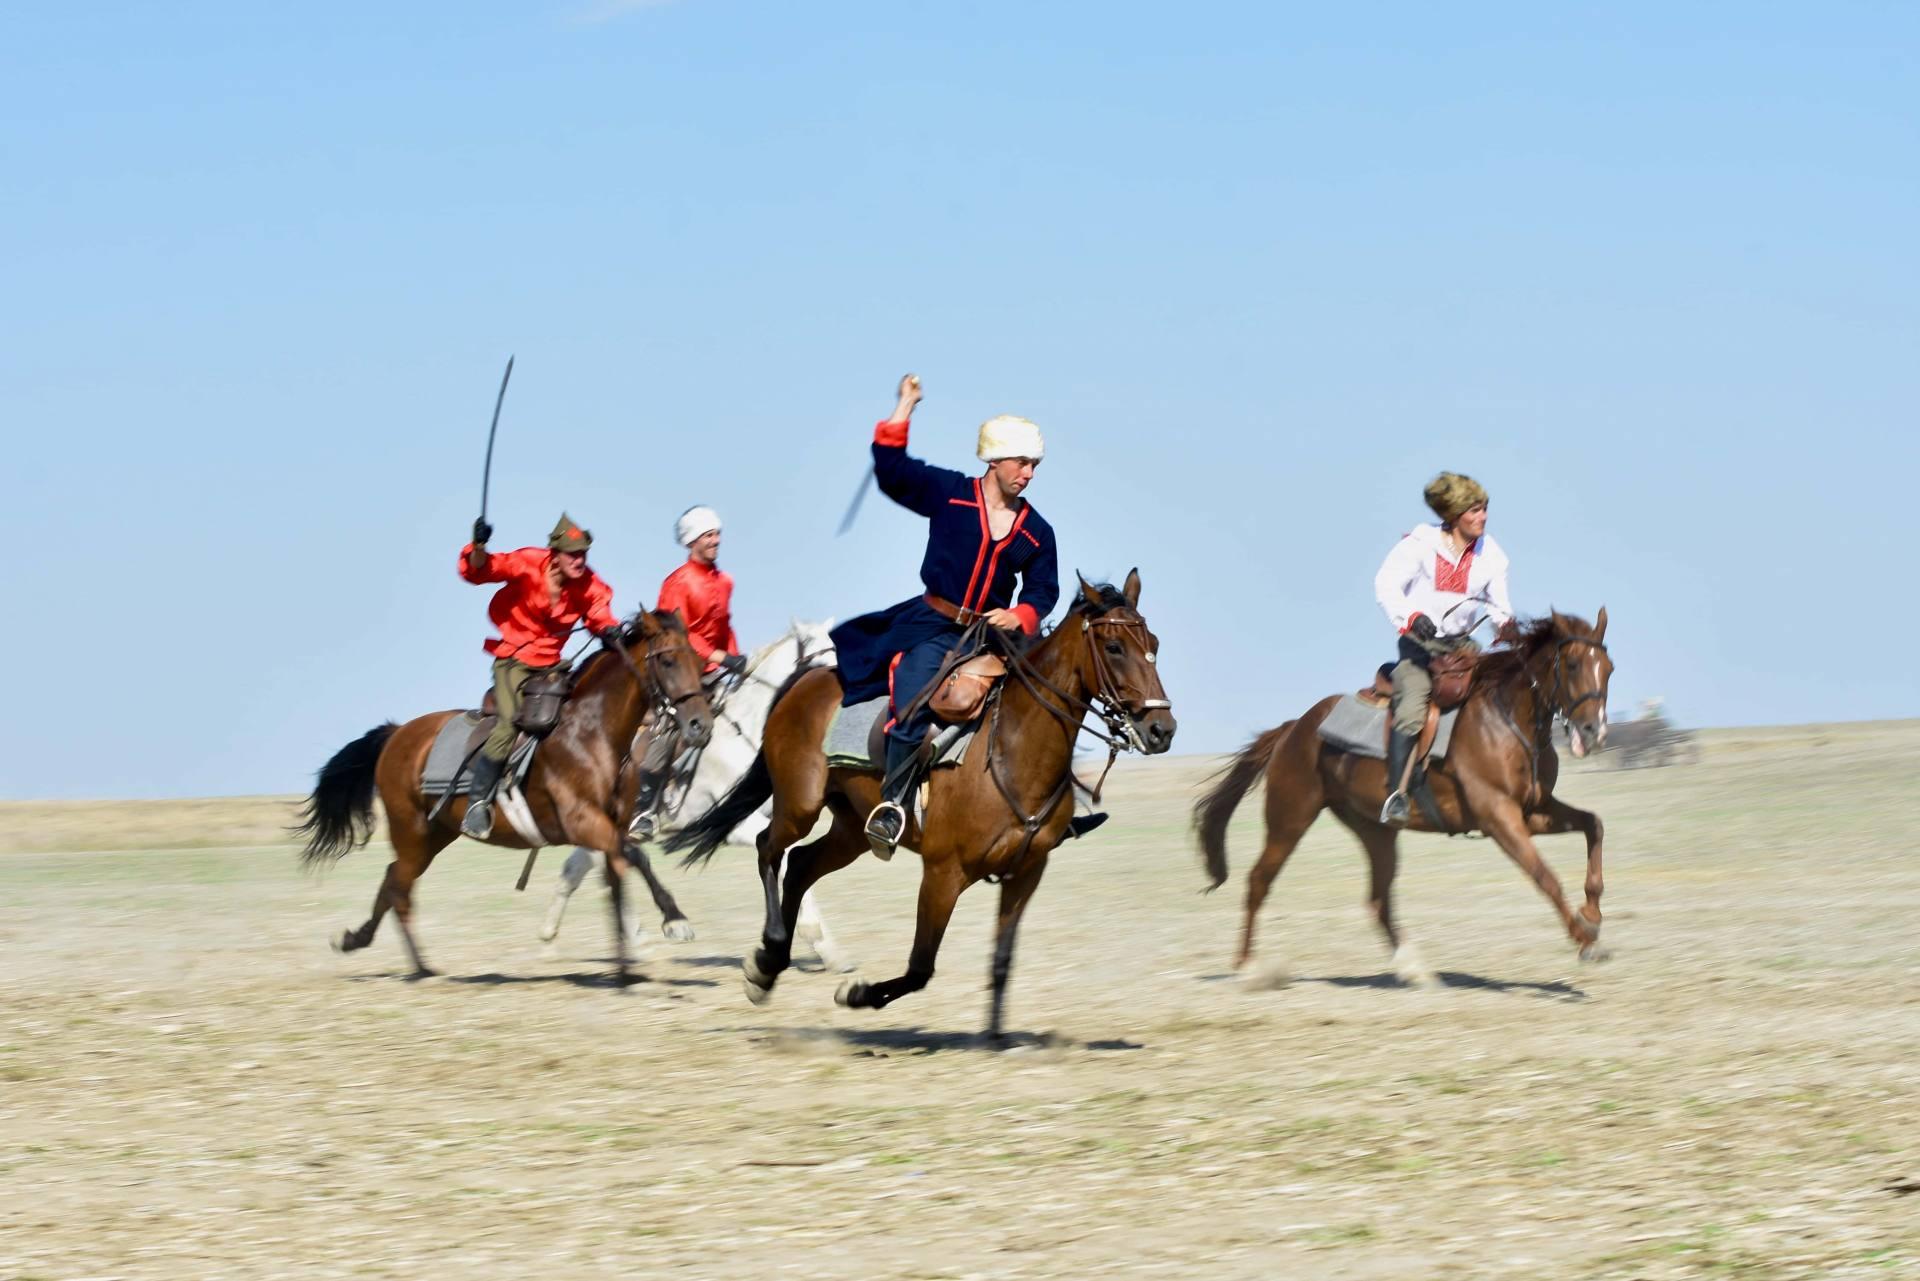 dsc 1061 Czas szabli - 100 rocznica bitwy pod Komarowem(zdjęcia)